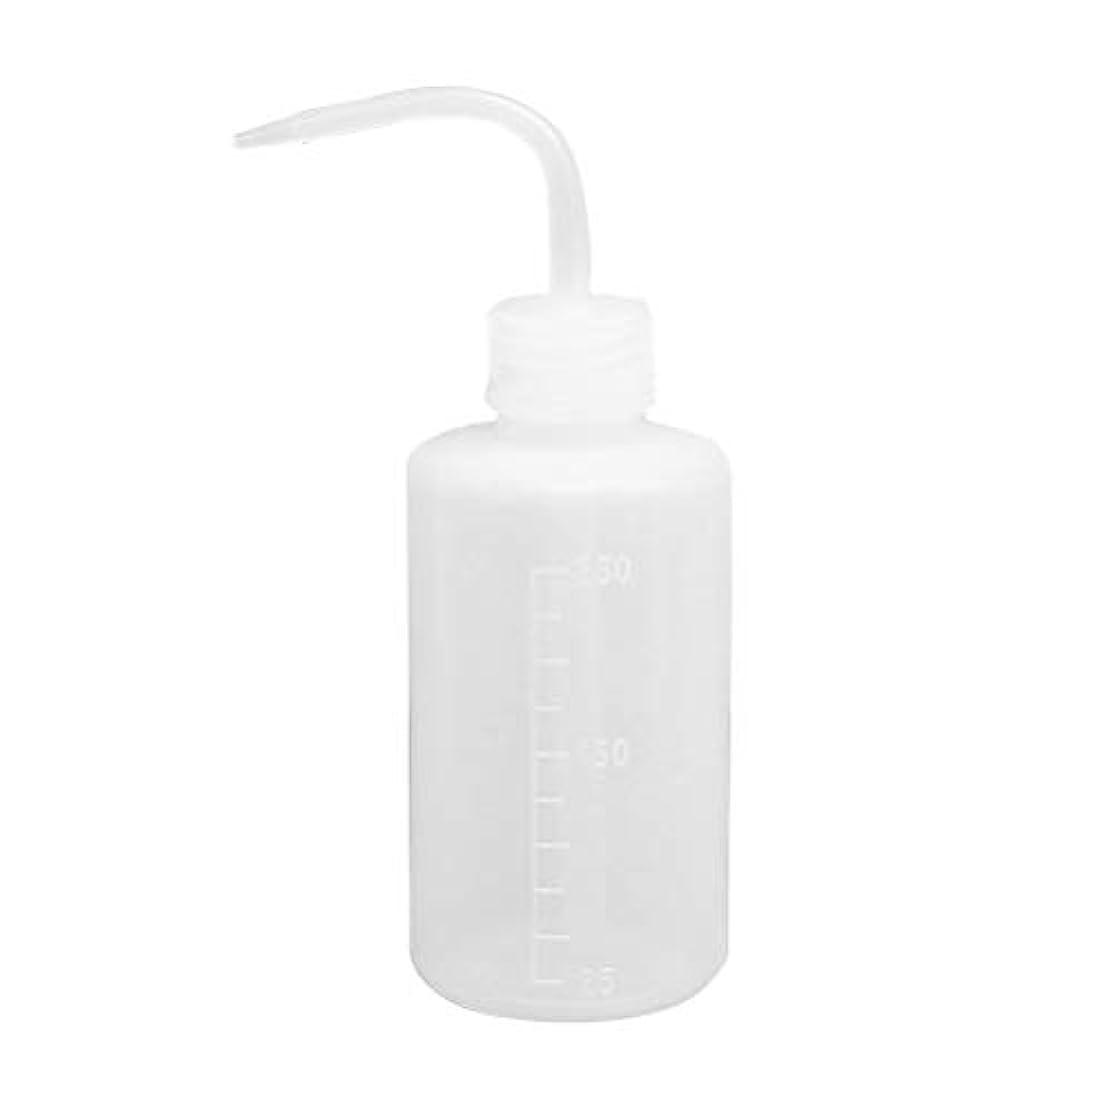 グリット同行プーノHealifty ベント口付き洗浄瓶絞り瓶250ml